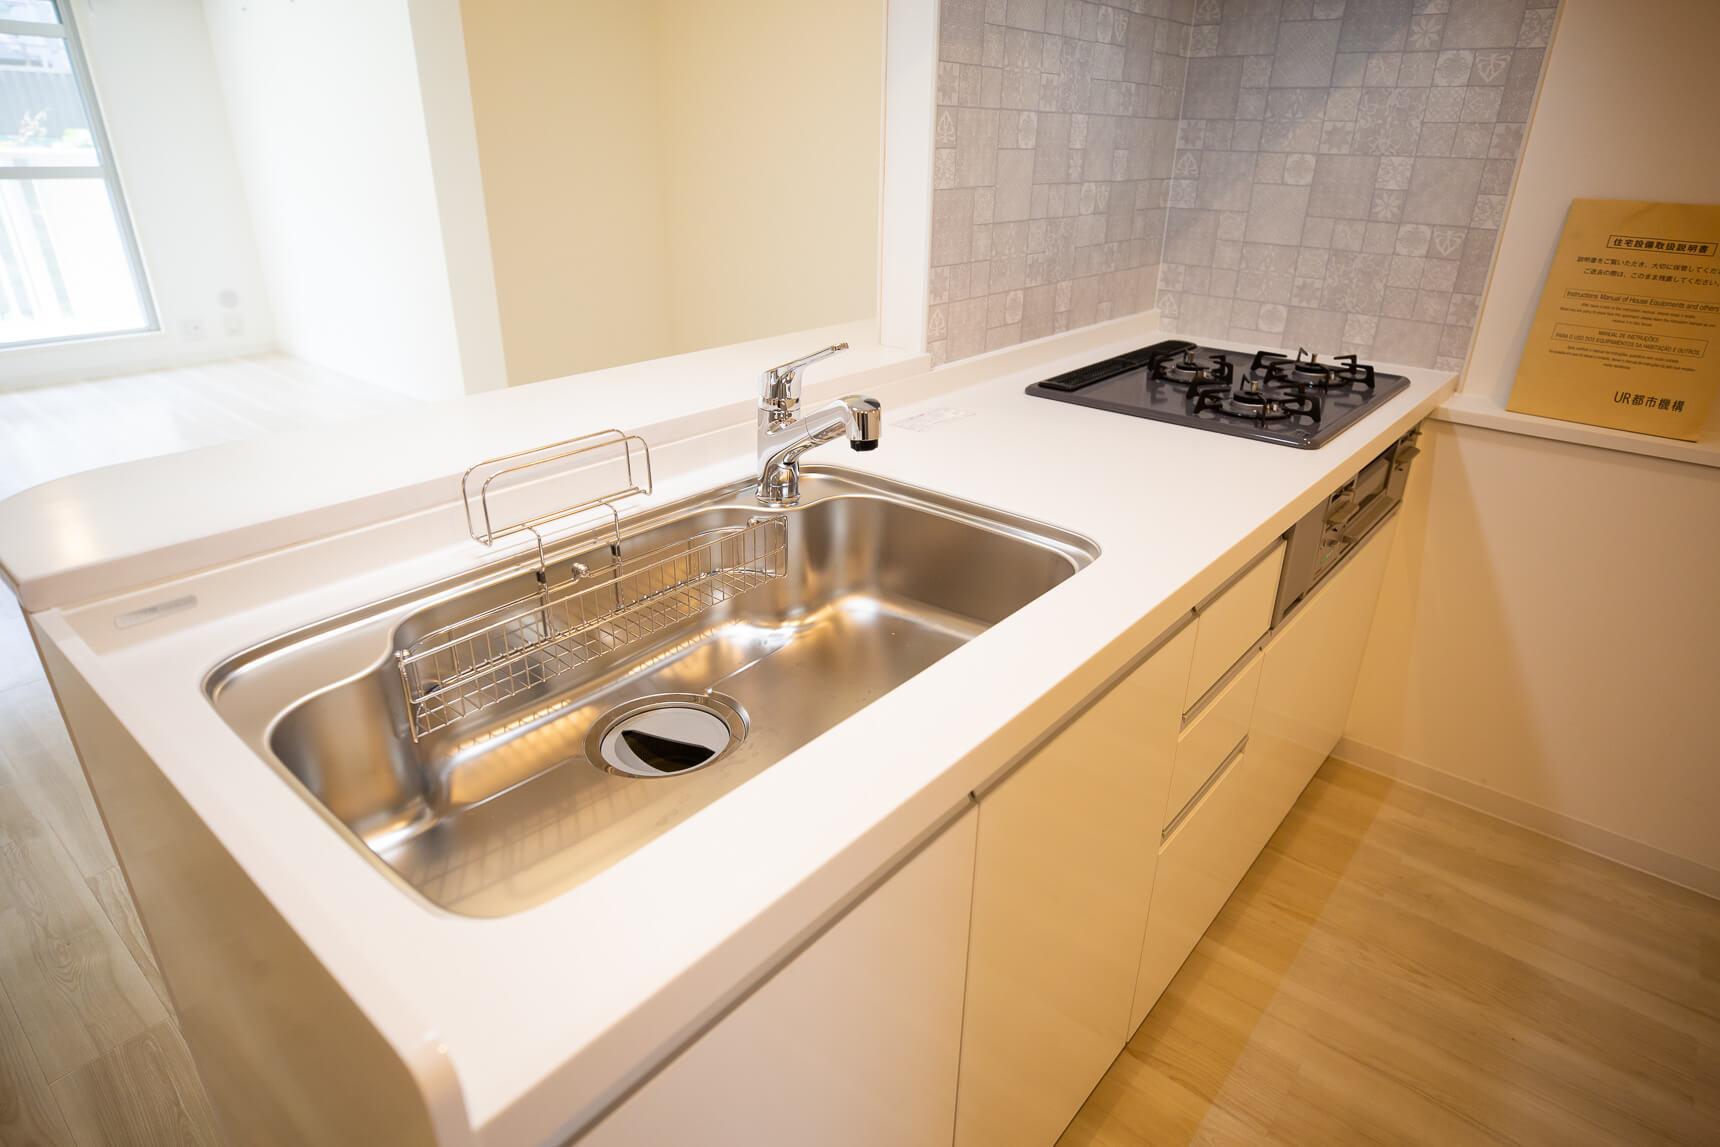 大きくて作業がしやすそうな対面キッチン!ガスコンロの周りは、デザイン性のあるキッチンパネルになっています。